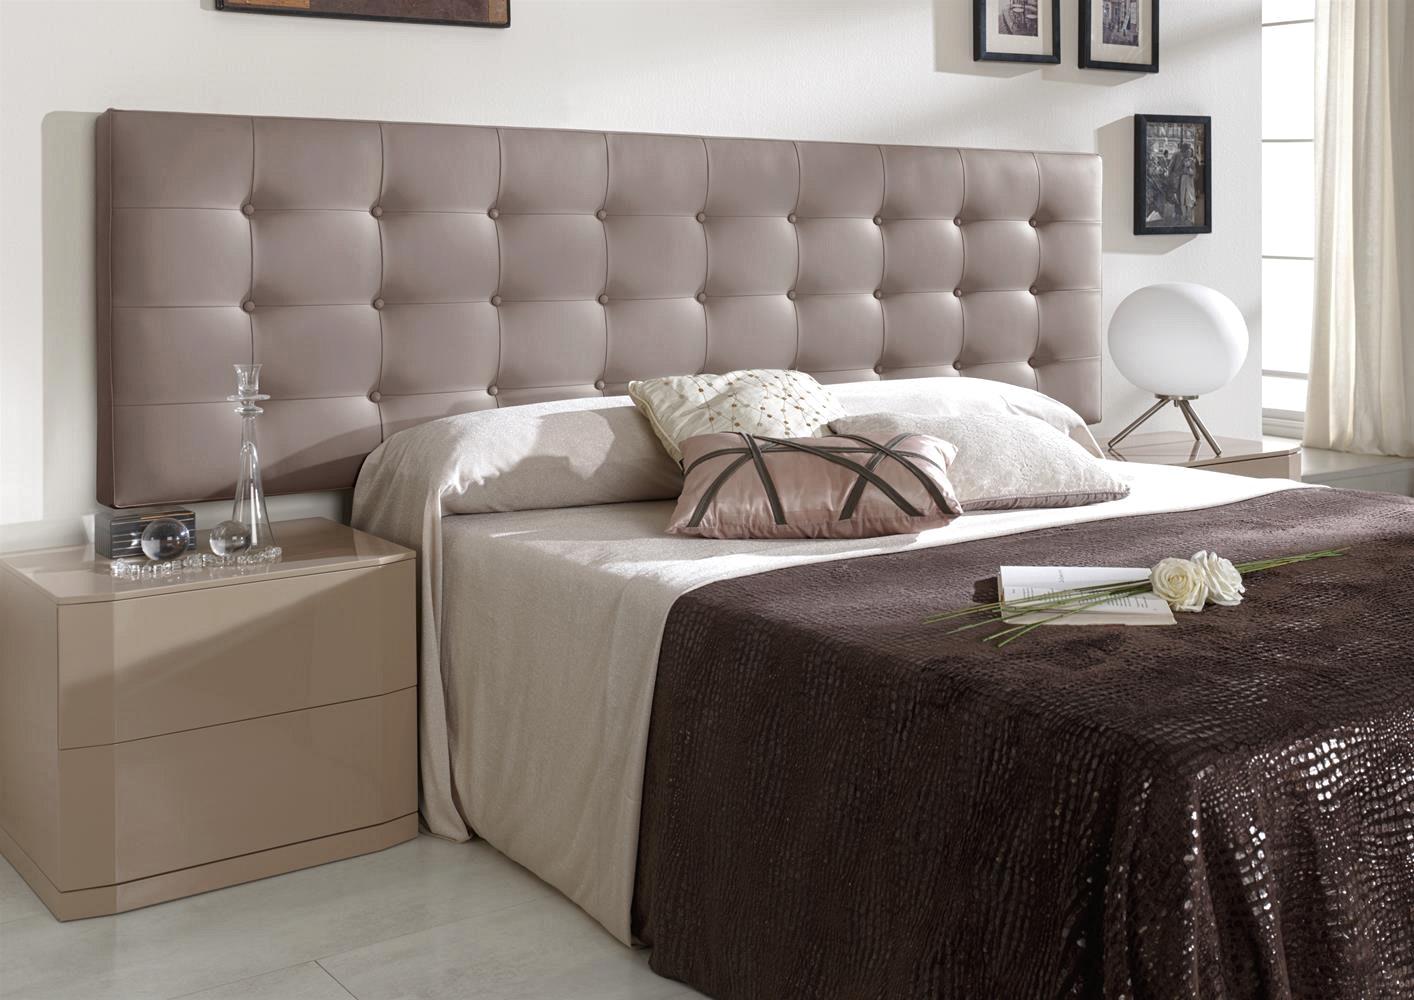 Кровать с мягким изголовьем кожаным